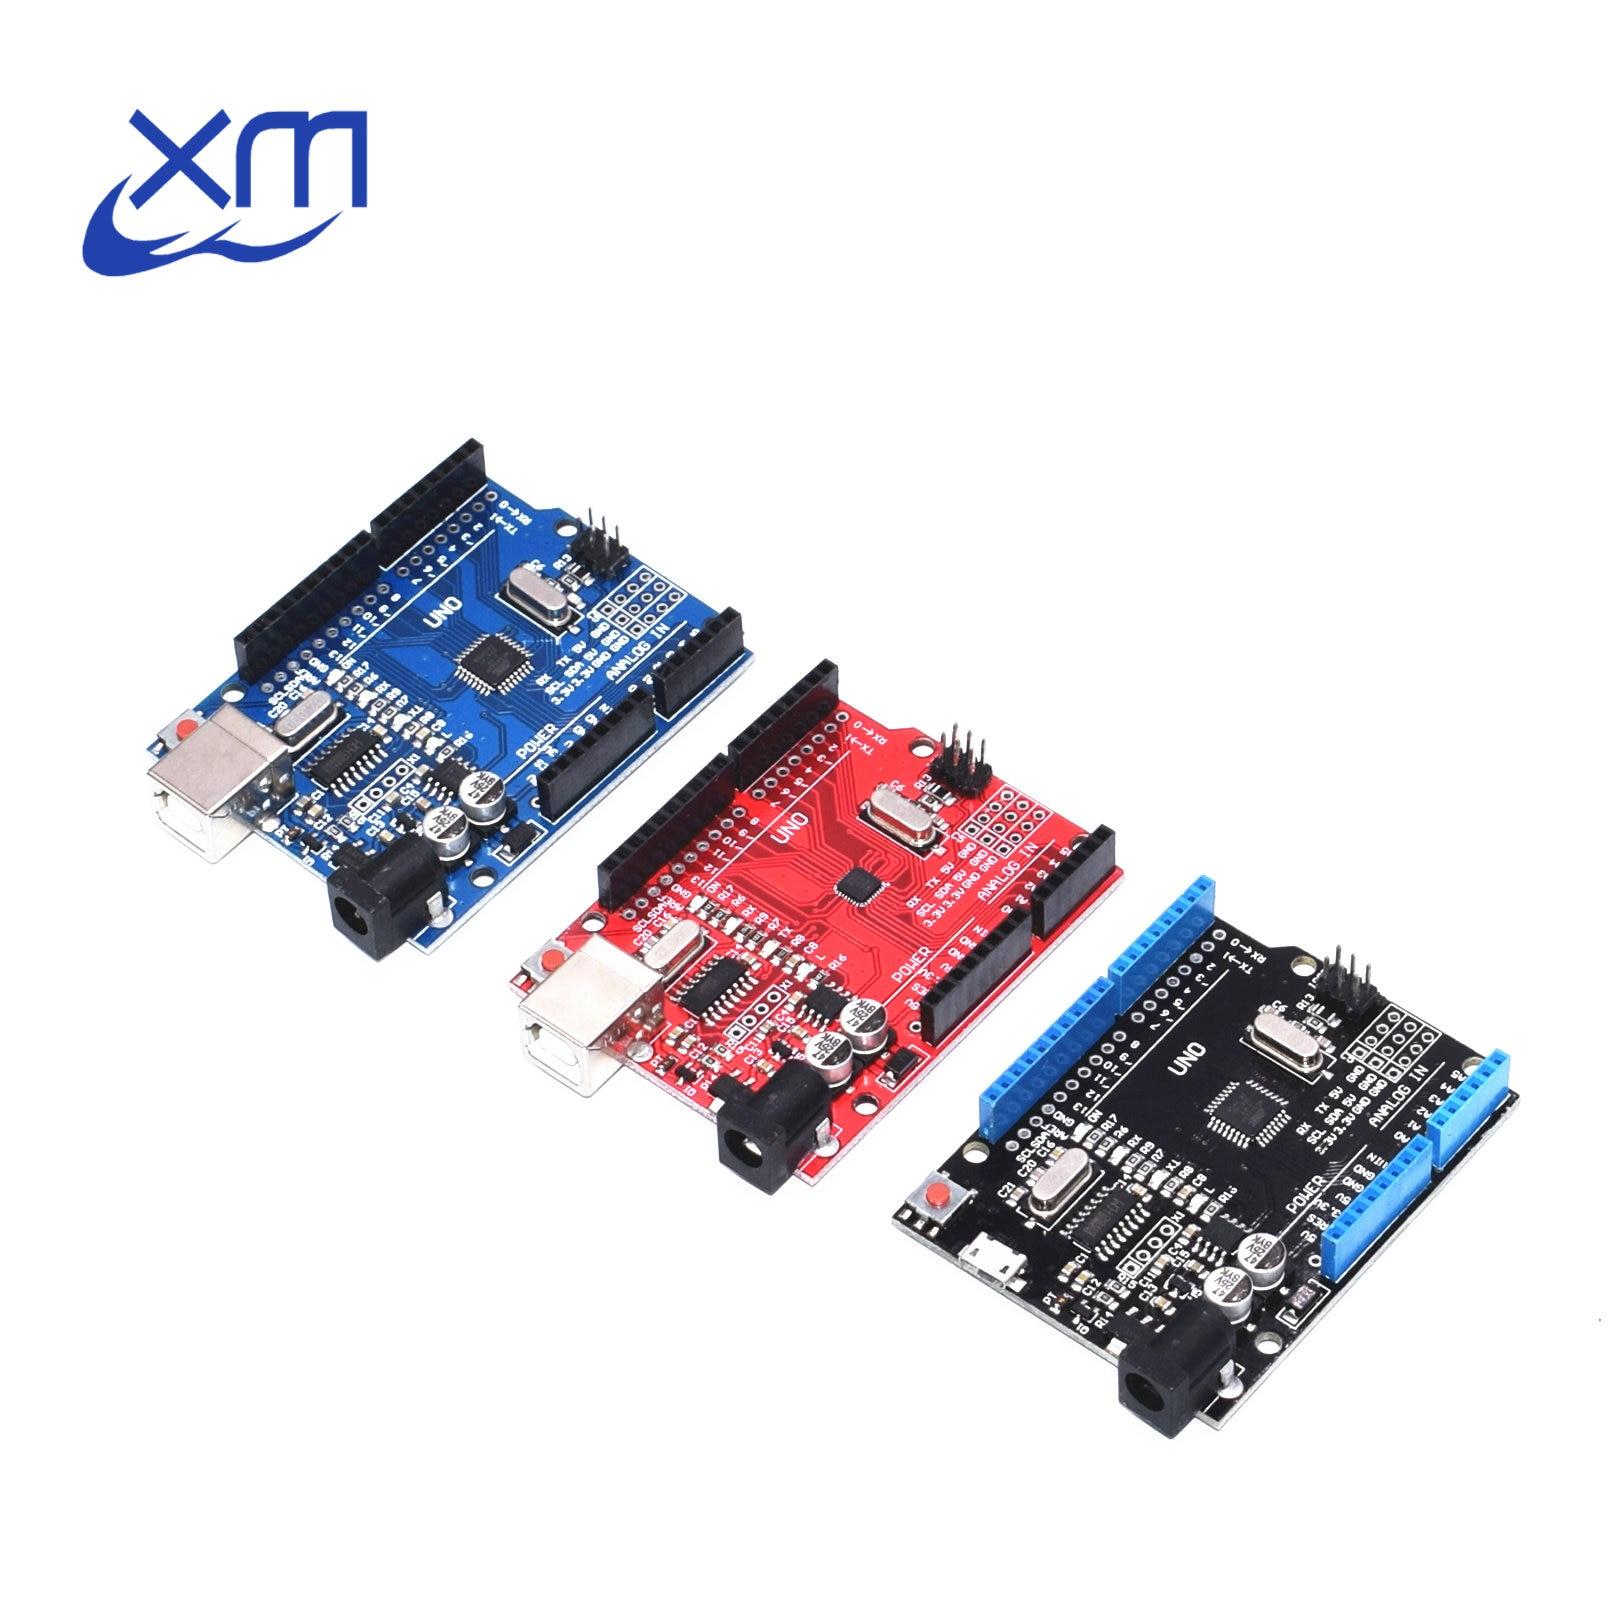 Un ensemble UNO R3 CH340G + MEGA328P ATMEGA16U2 câble USB 2.4 TFT écran LCD puce 16Mhz UNO R3 boad UNO Proto bouclier pour Arduino uno r3 uno r3 unouno ch340g - AliExpress